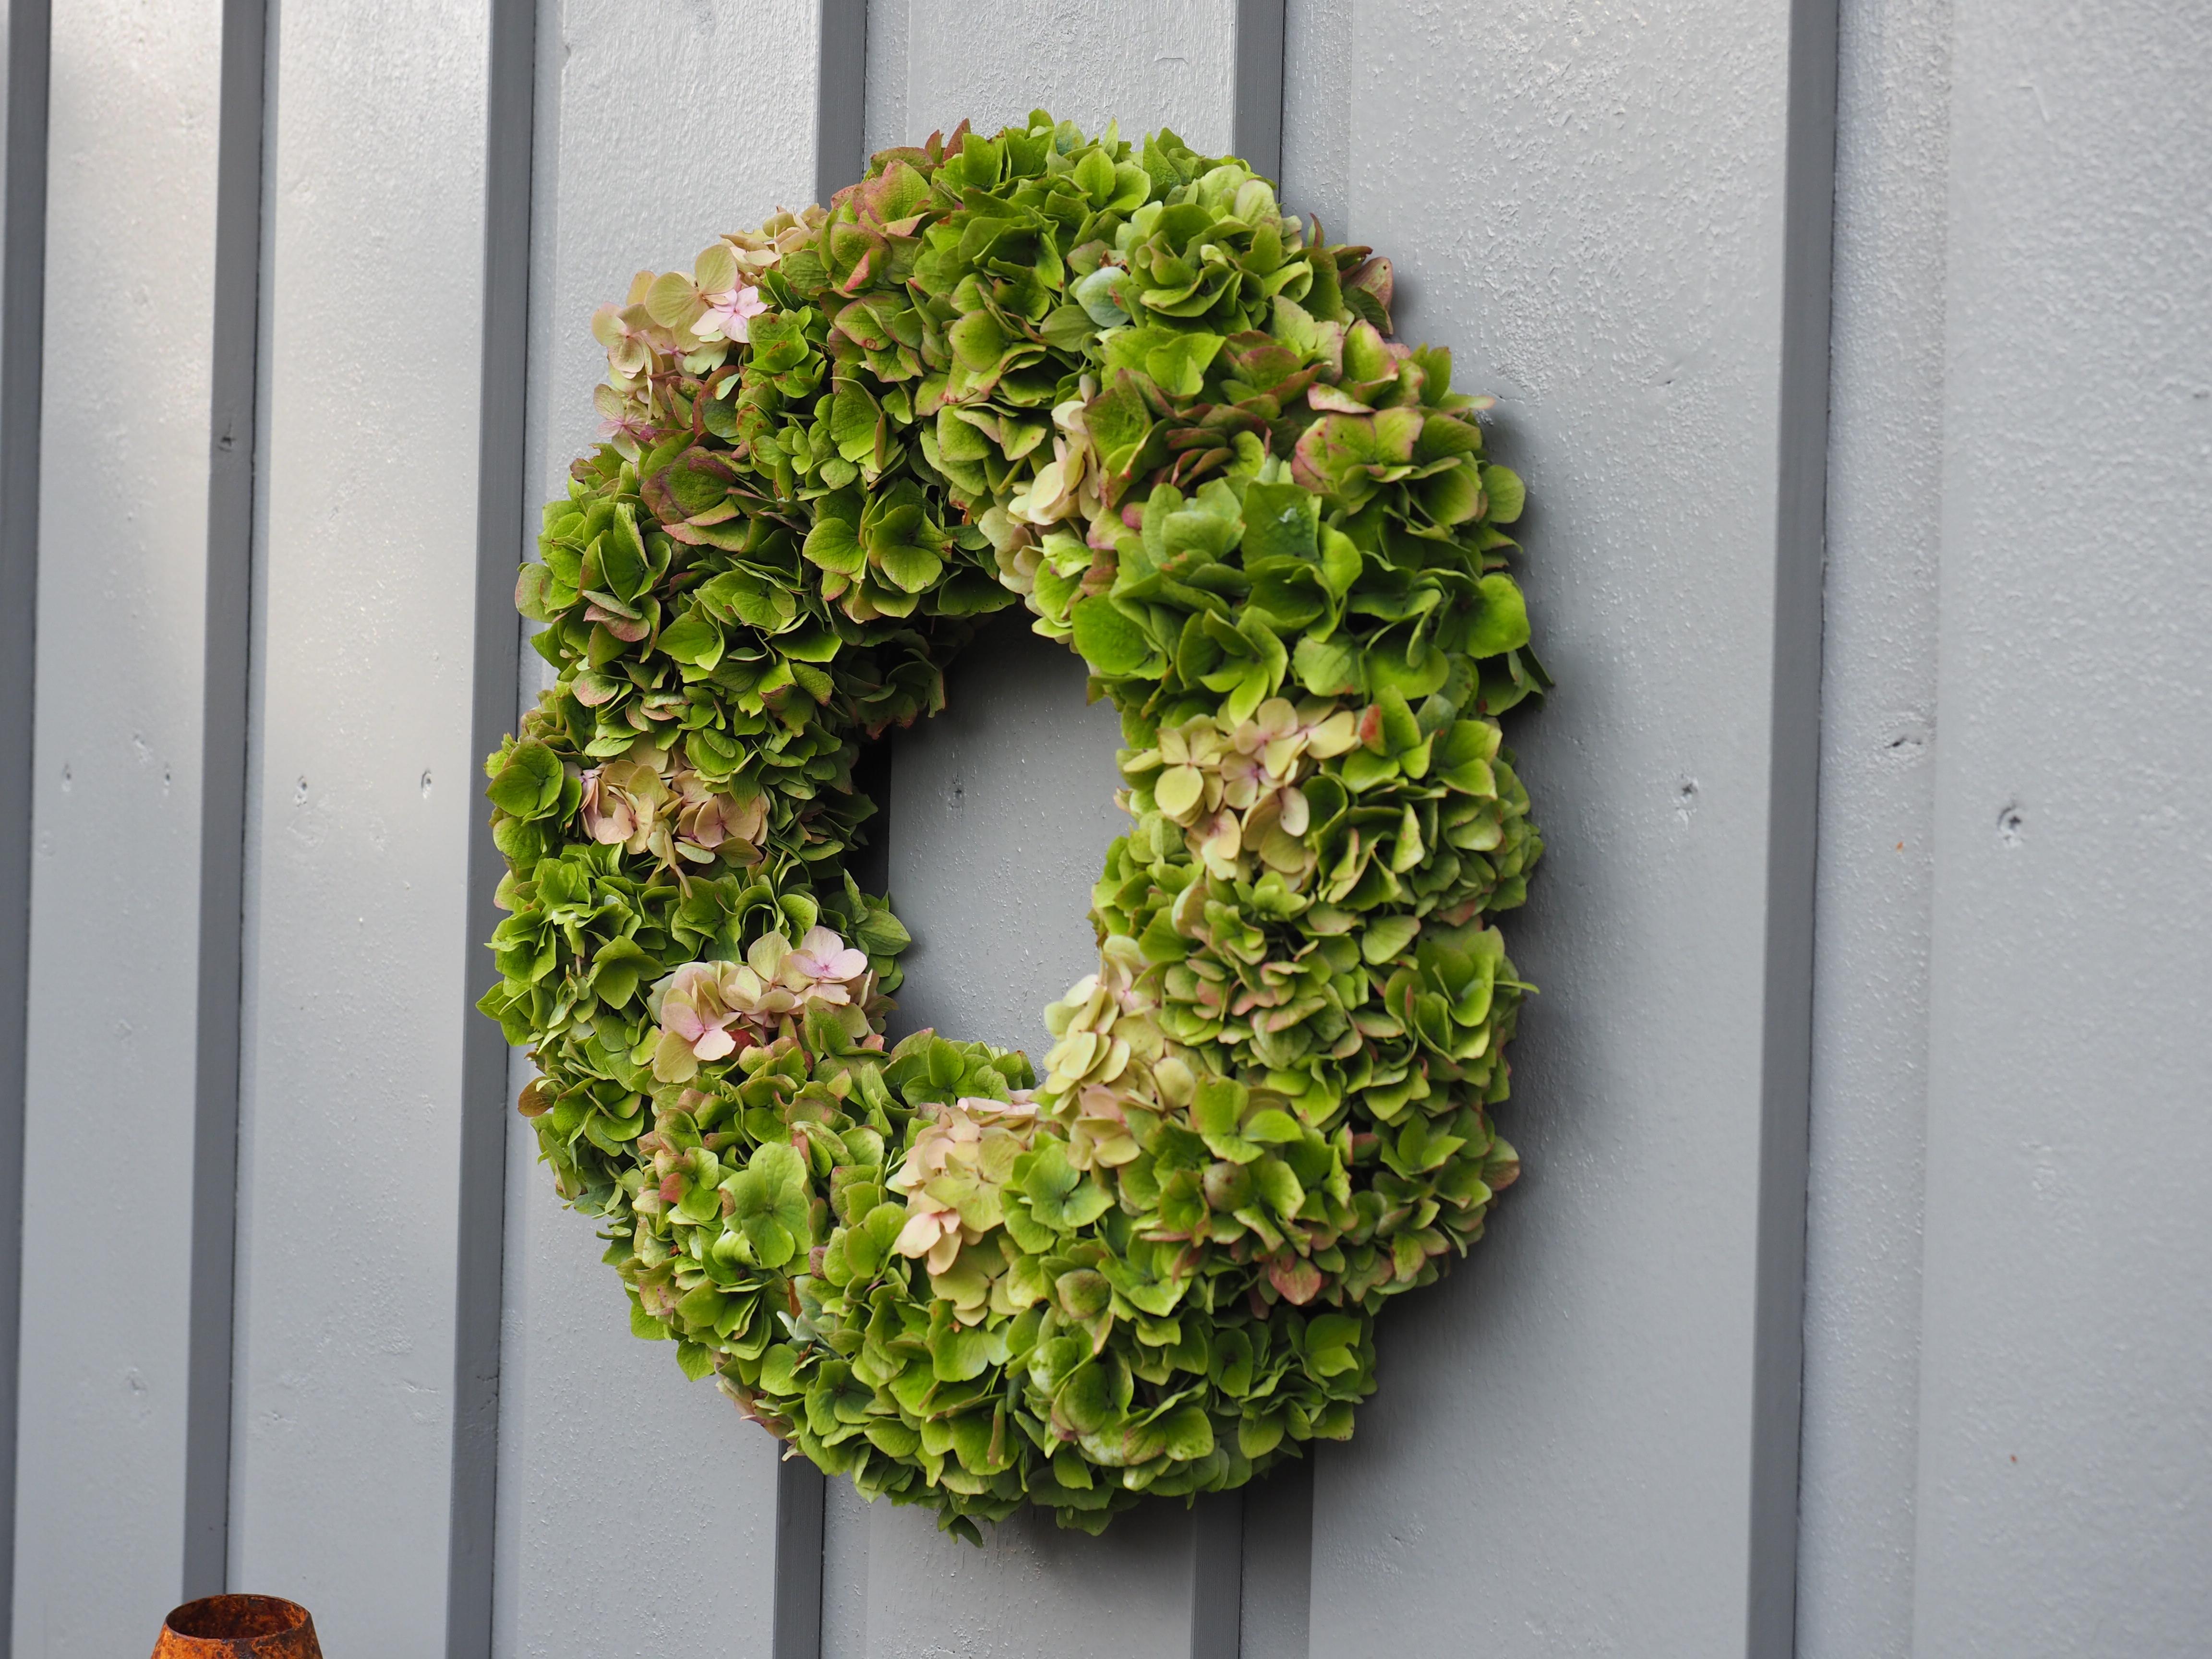 Høstkrans av hortensia etter sommerblomstringen